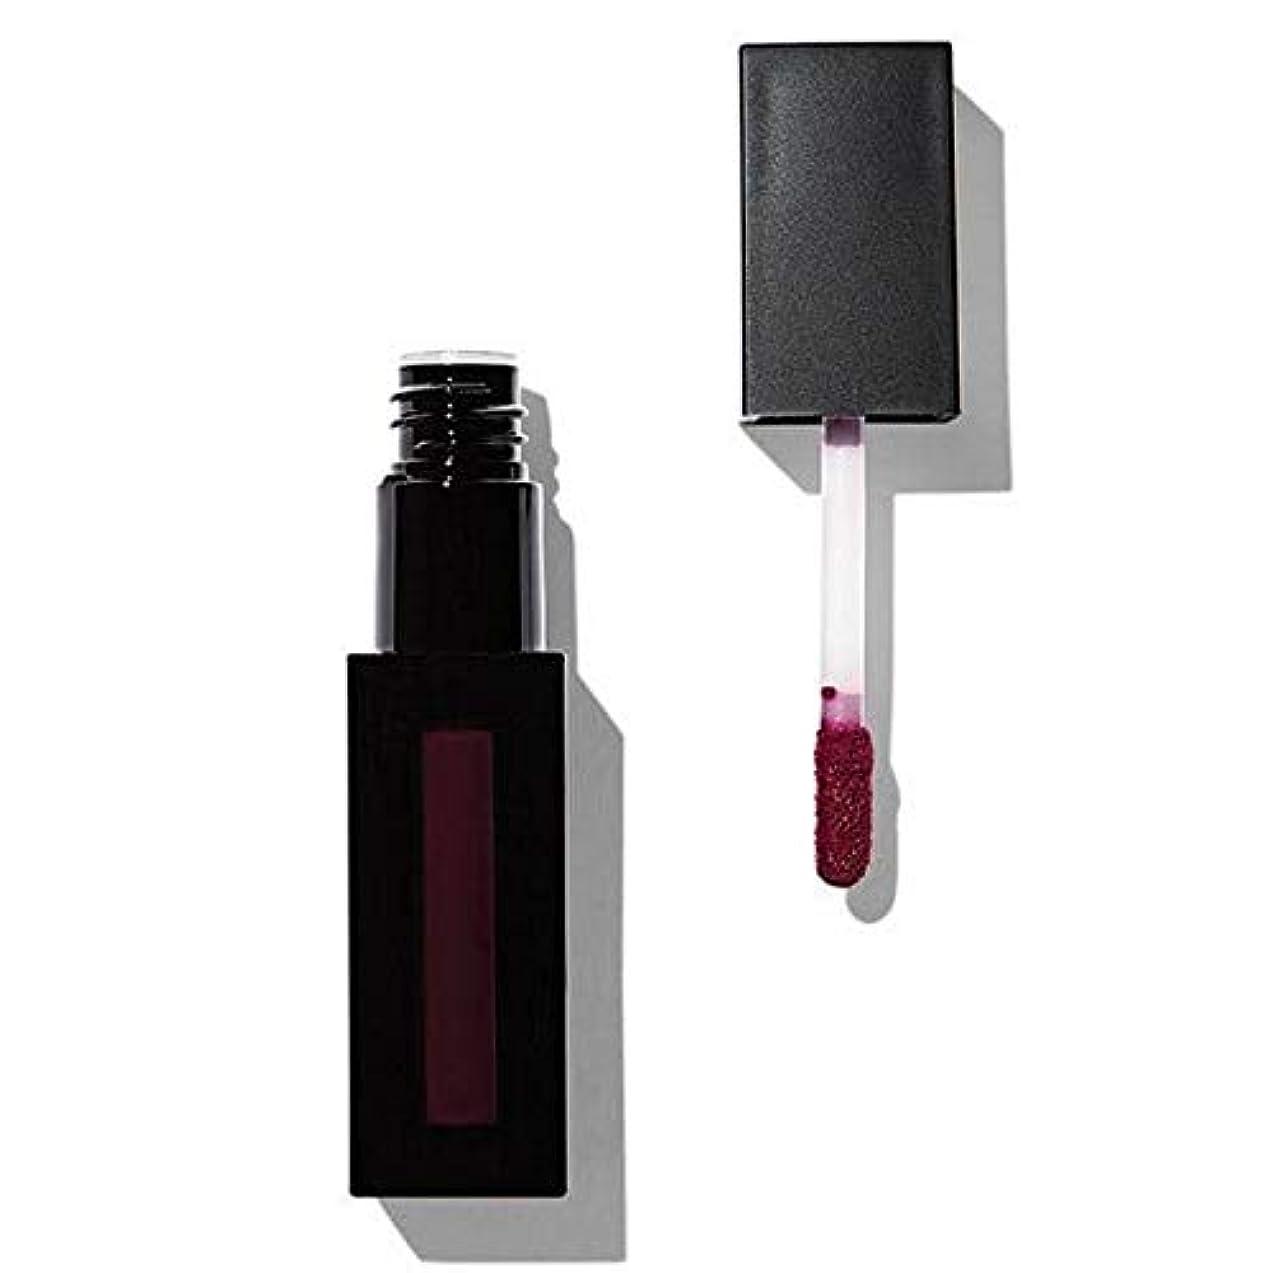 狼ジェームズダイソン添付[Revolution ] 革命プロ最高のマットリップ顔料勘 - Revolution Pro Supreme Matte Lip Pigment Intuition [並行輸入品]